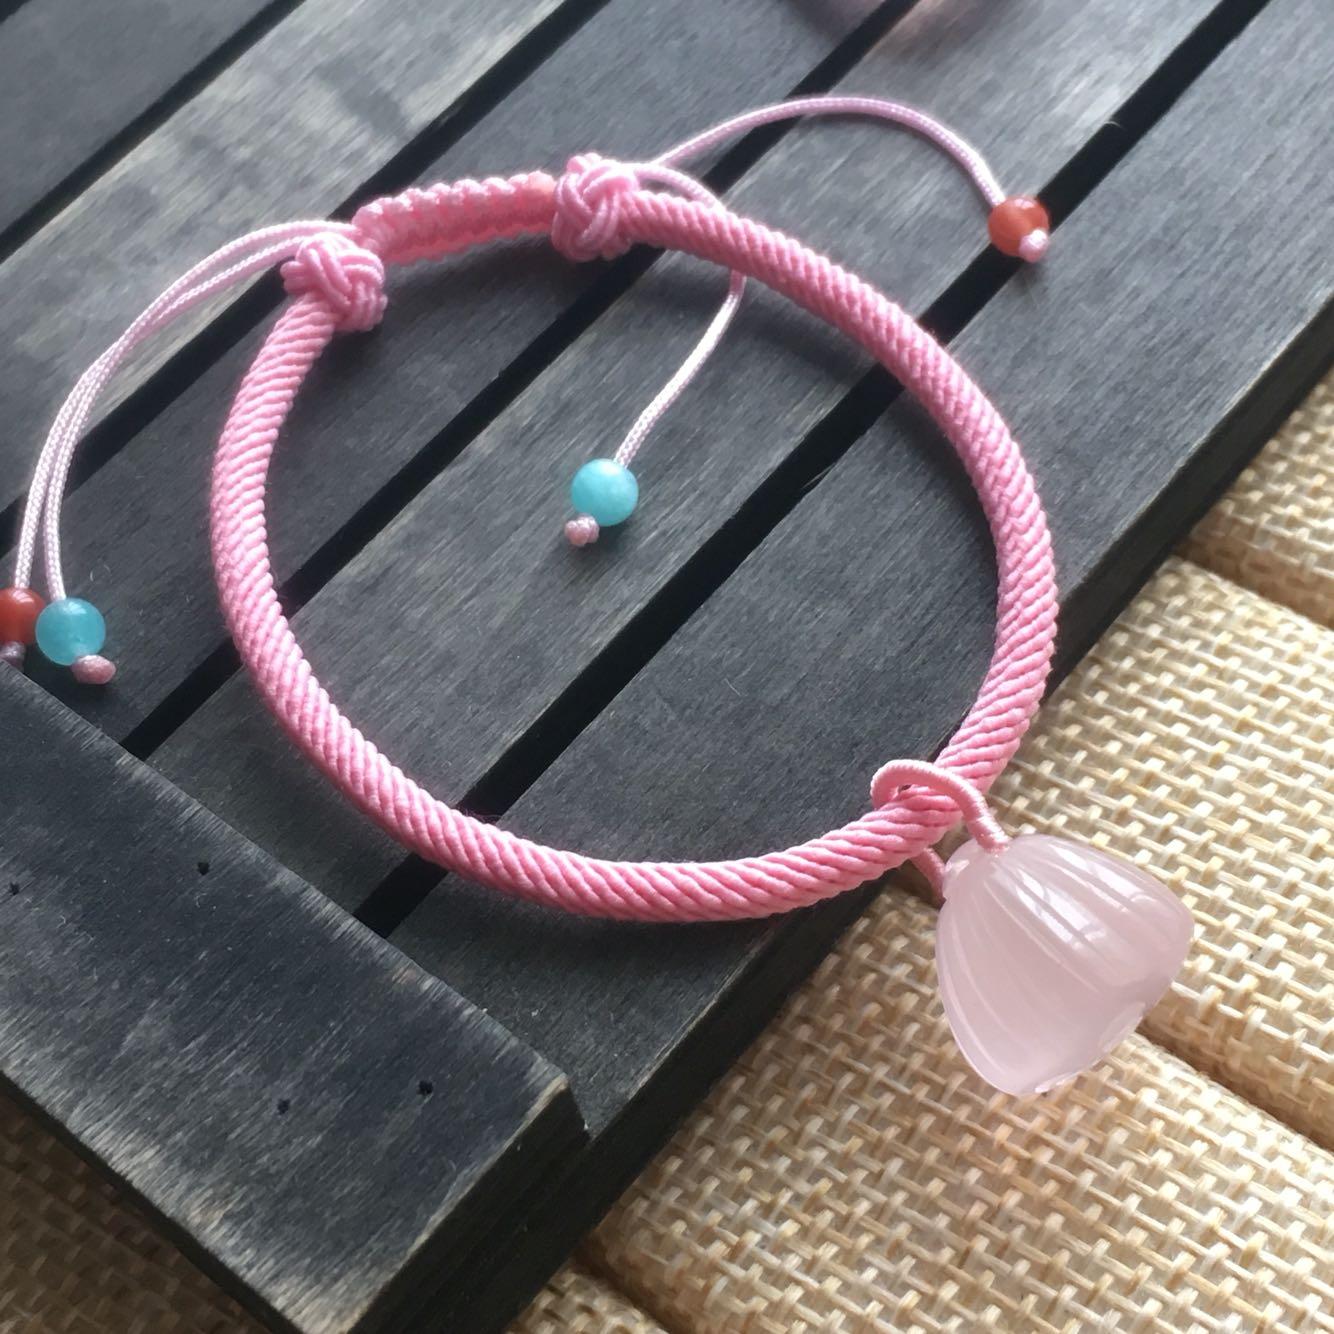 新款天然粉水晶手链铃铛莲蓬接吻鱼鱼如意锁海星吊坠绳编手链